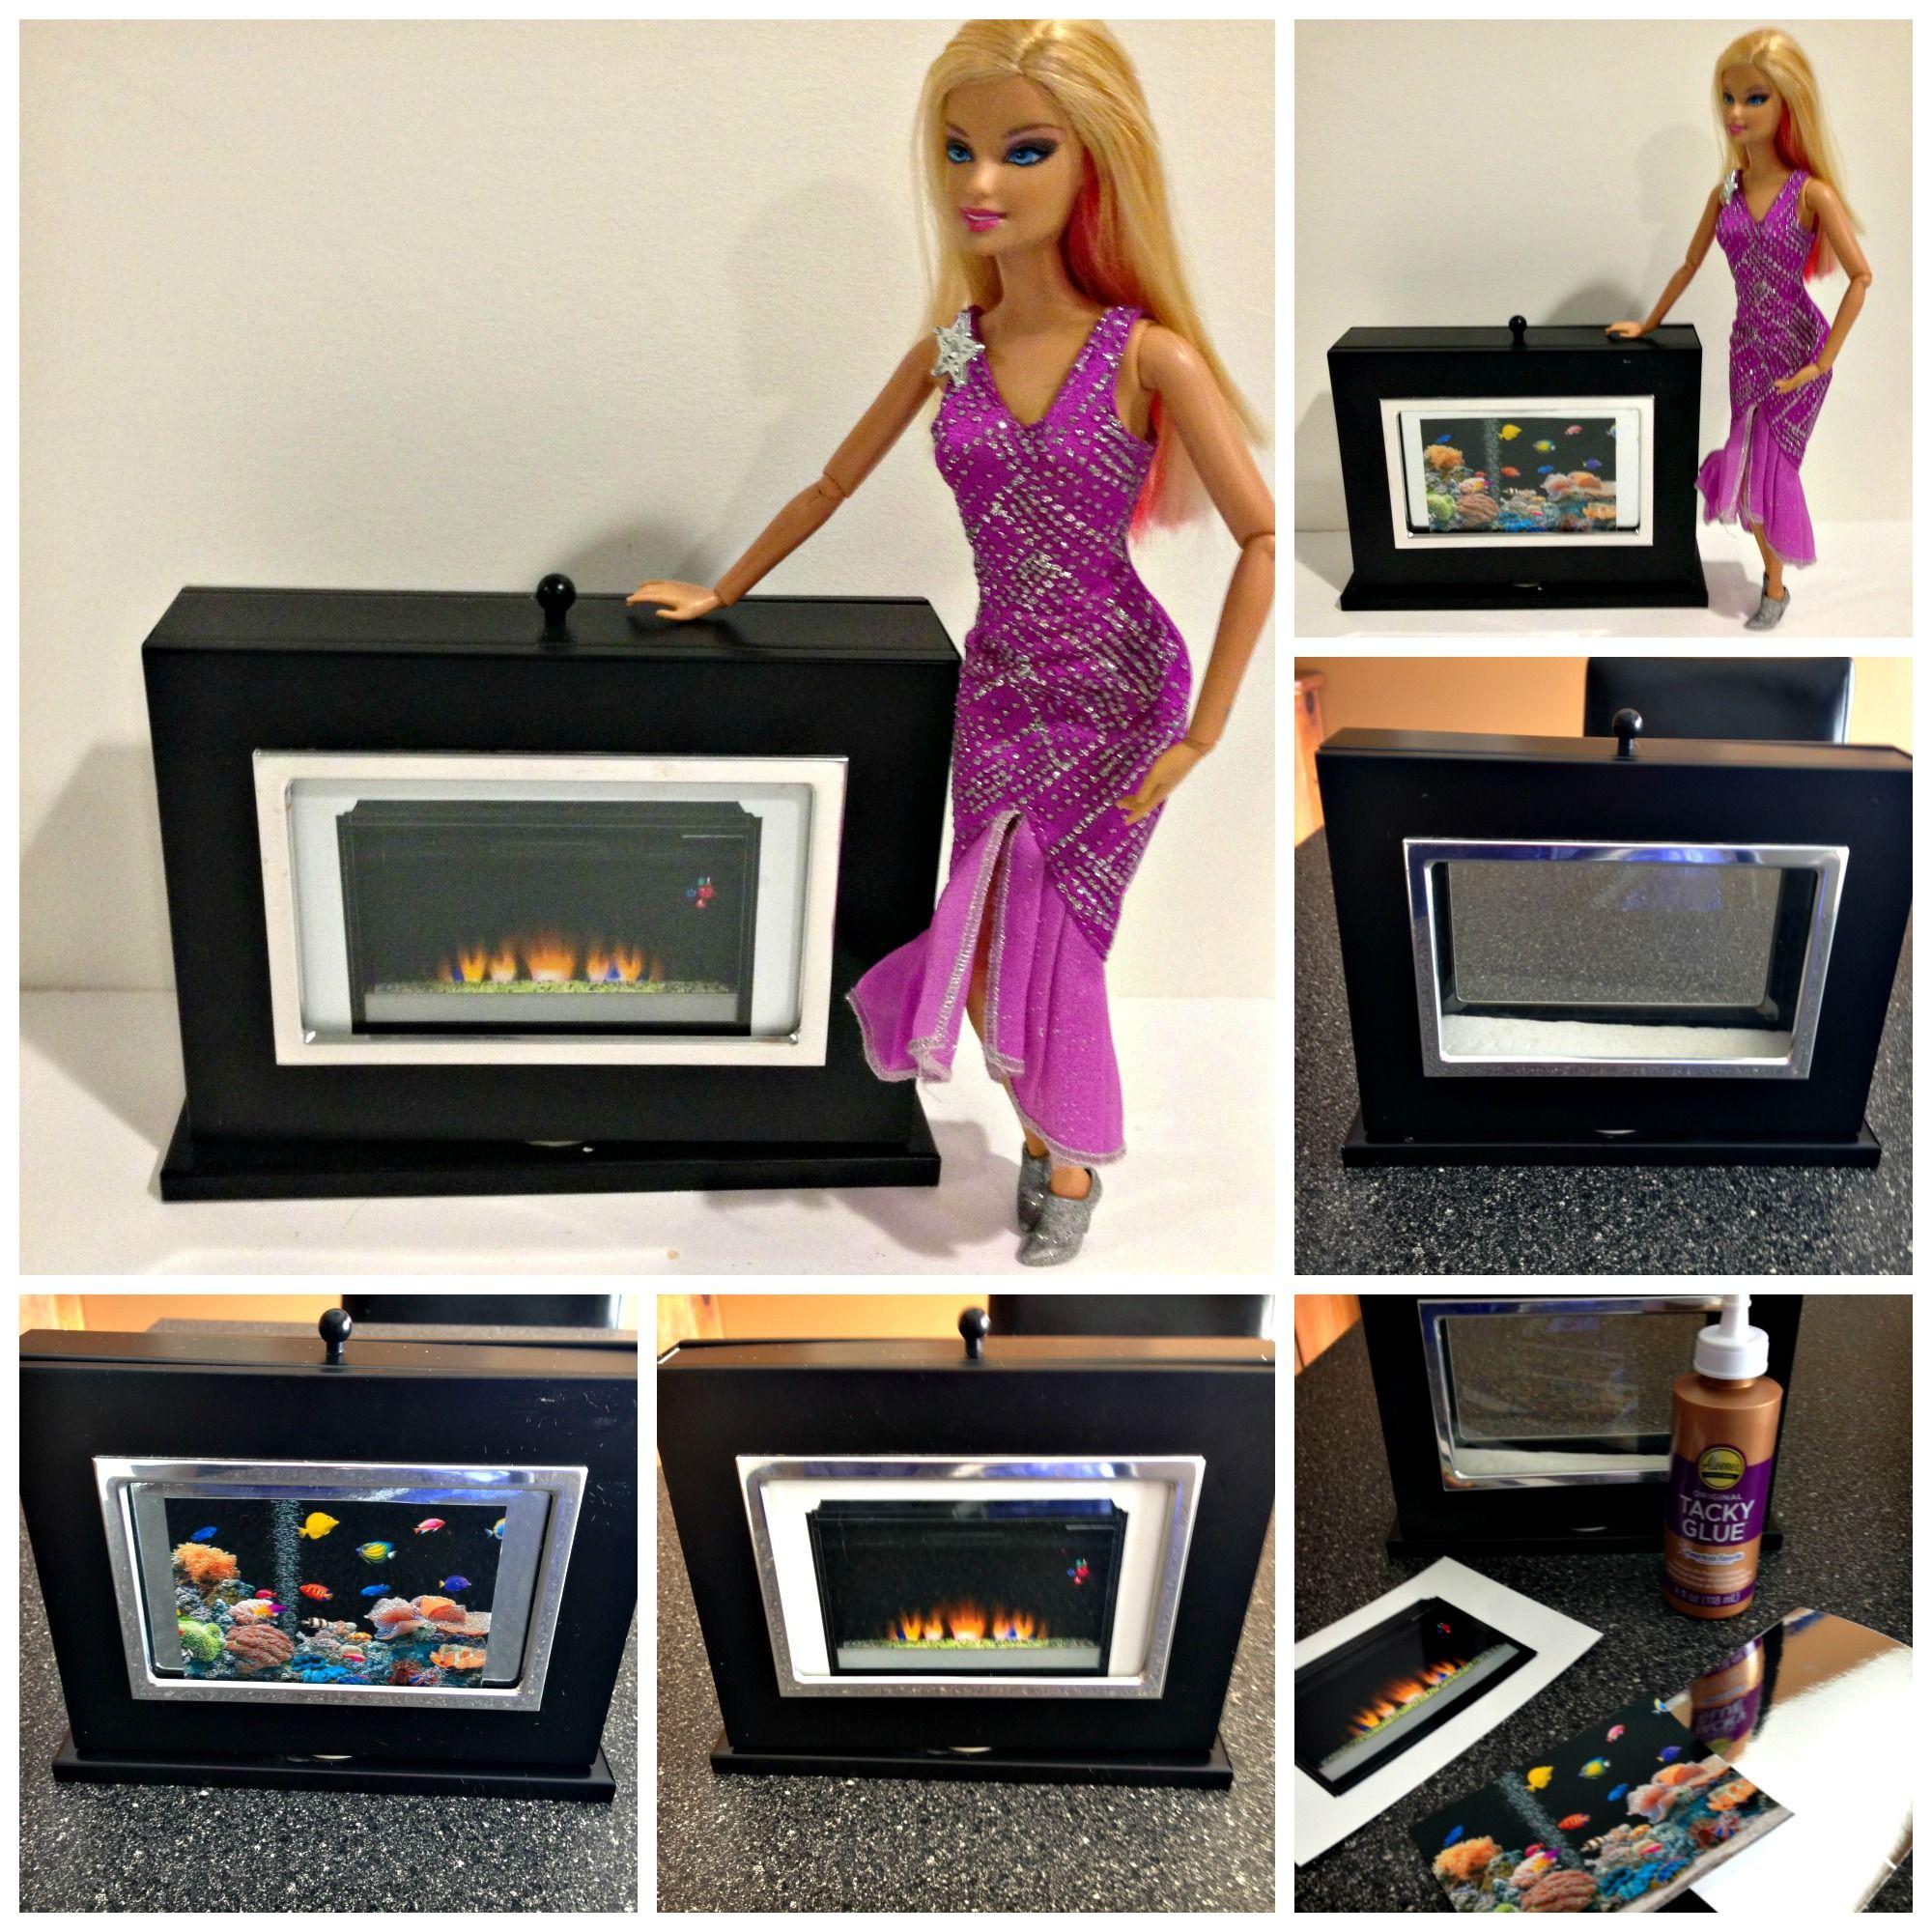 DIY Reversible Fireplace Fishtank for Barbie Dolls